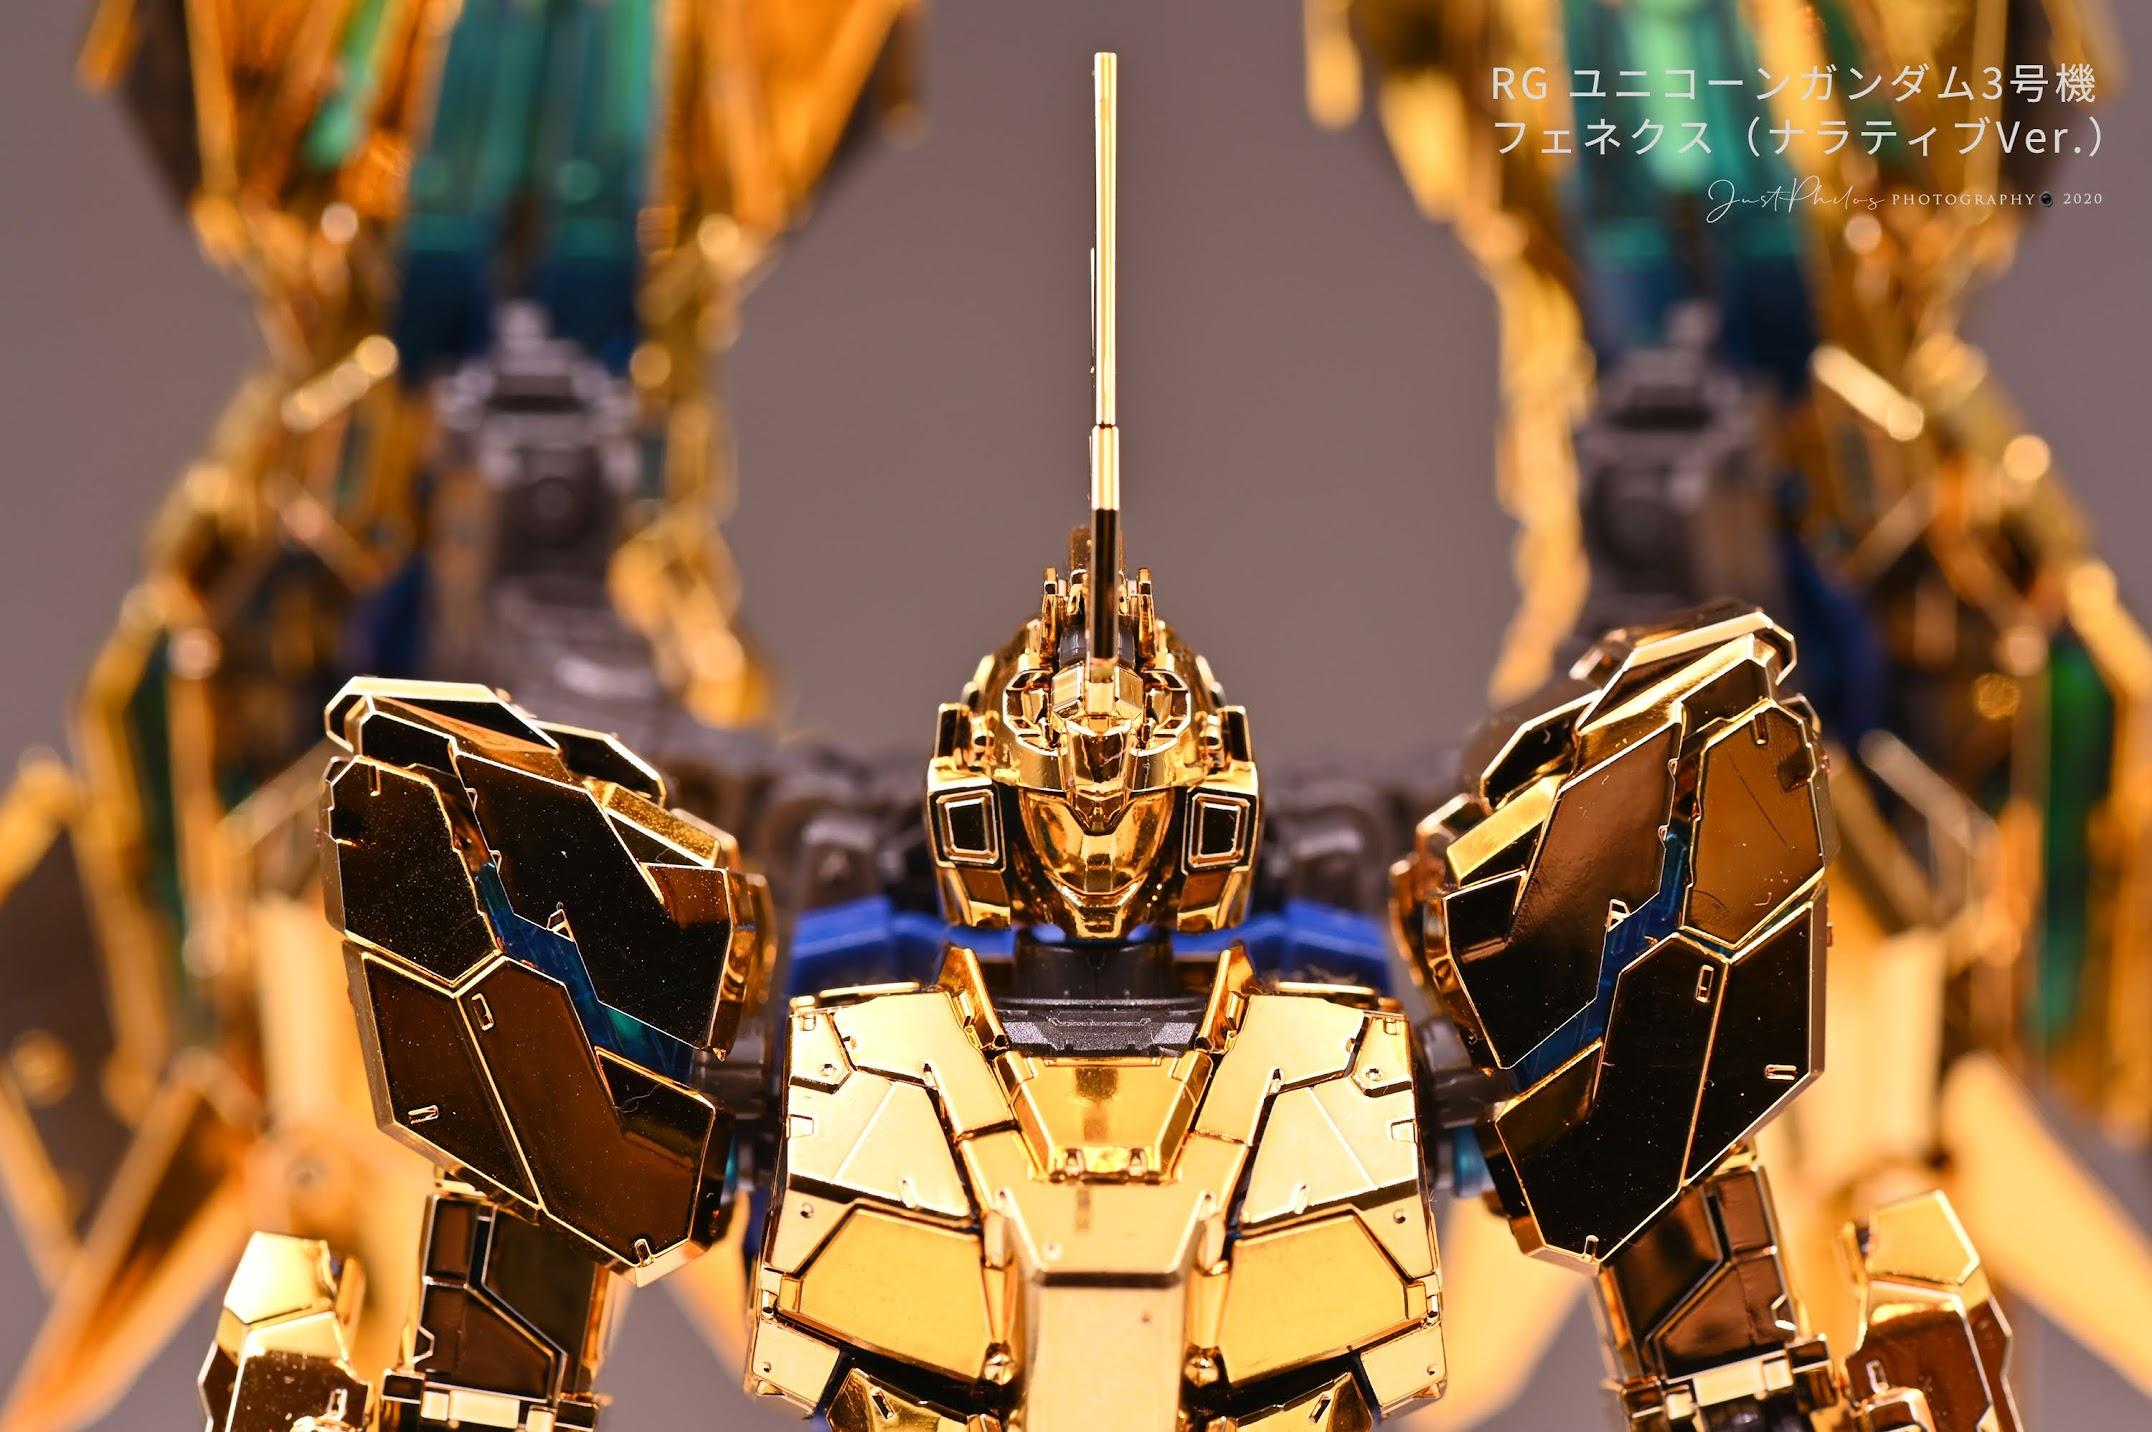 可能是受到電影鋼彈NT的影響,這次鳳凰的獨角獸模式特別耐看。